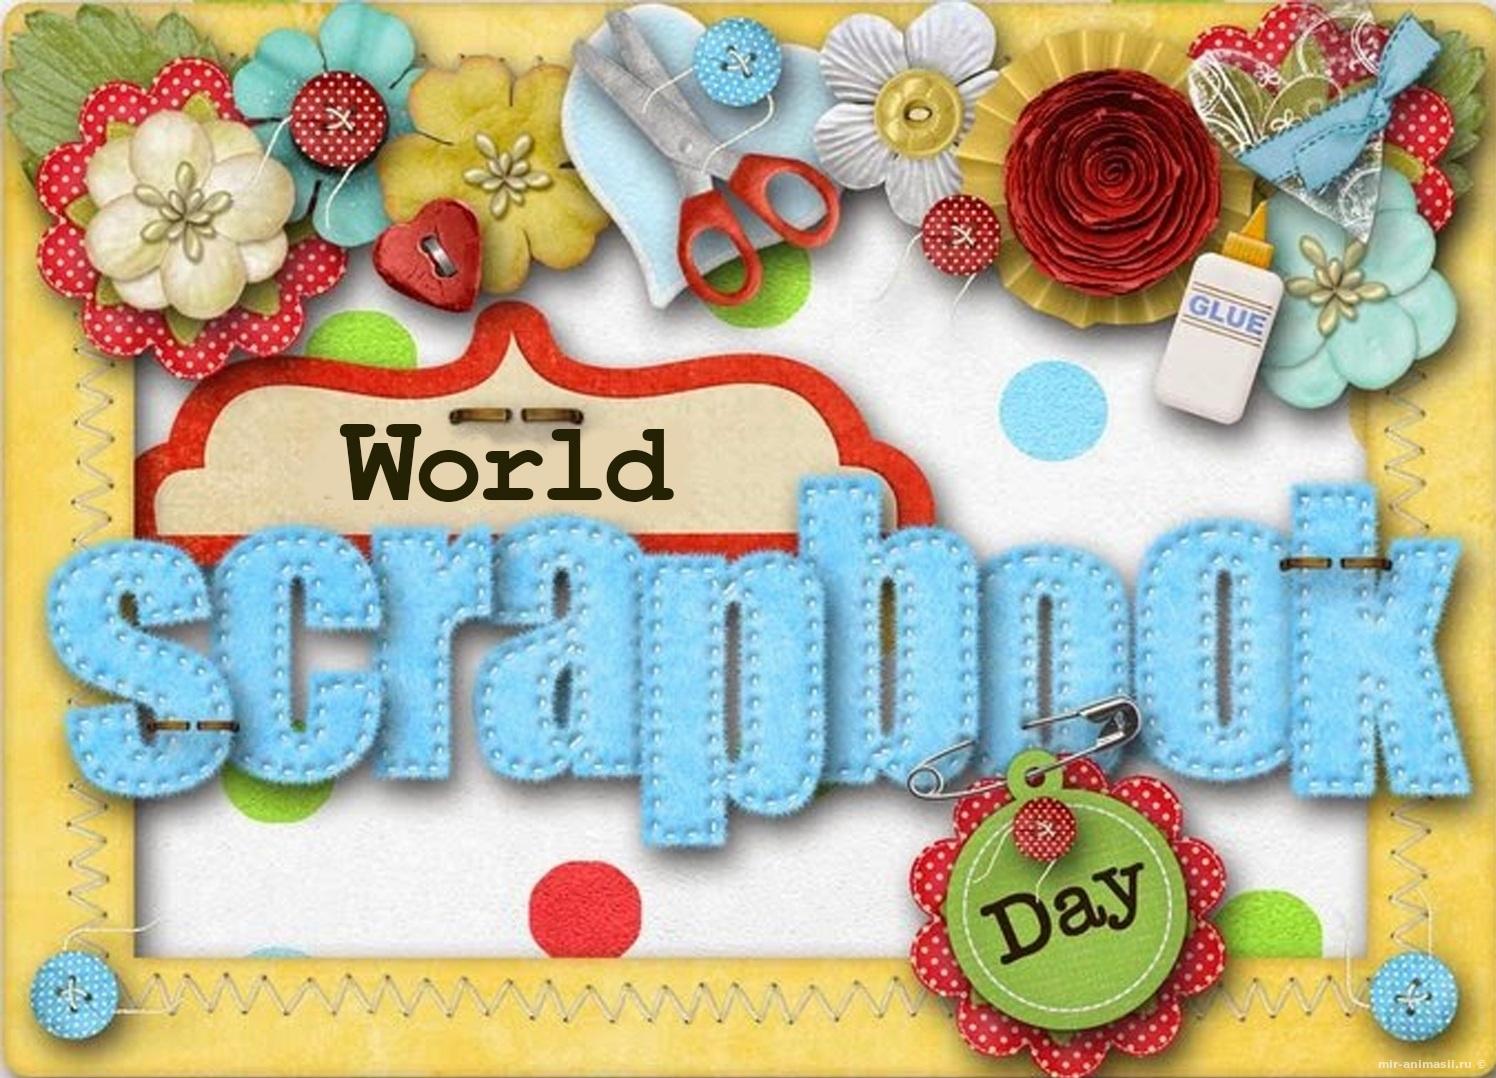 Национальный день скрапбукинга - 4 марта